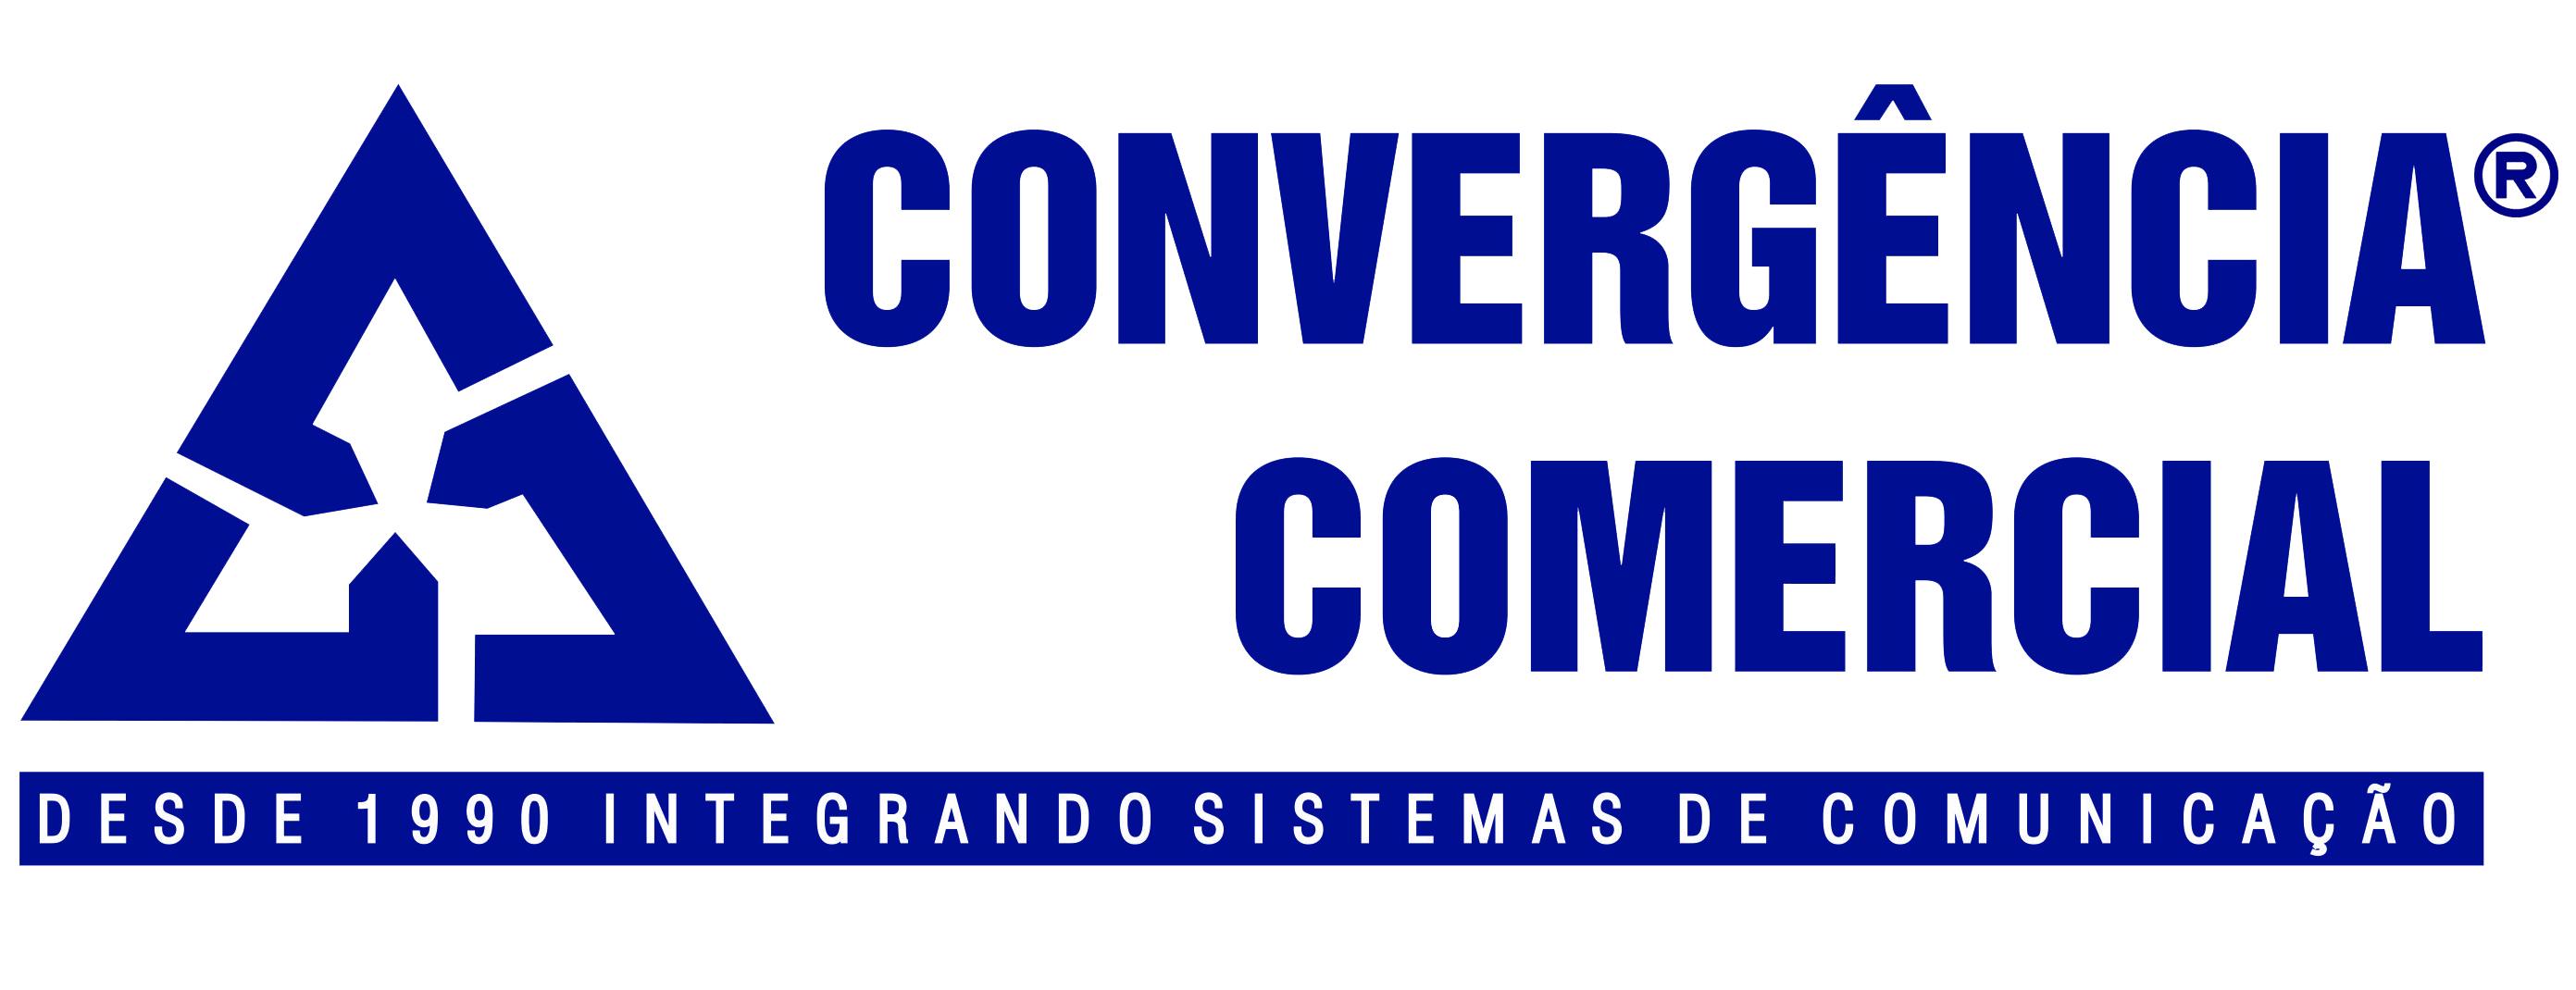 Convergencia Teleinformática